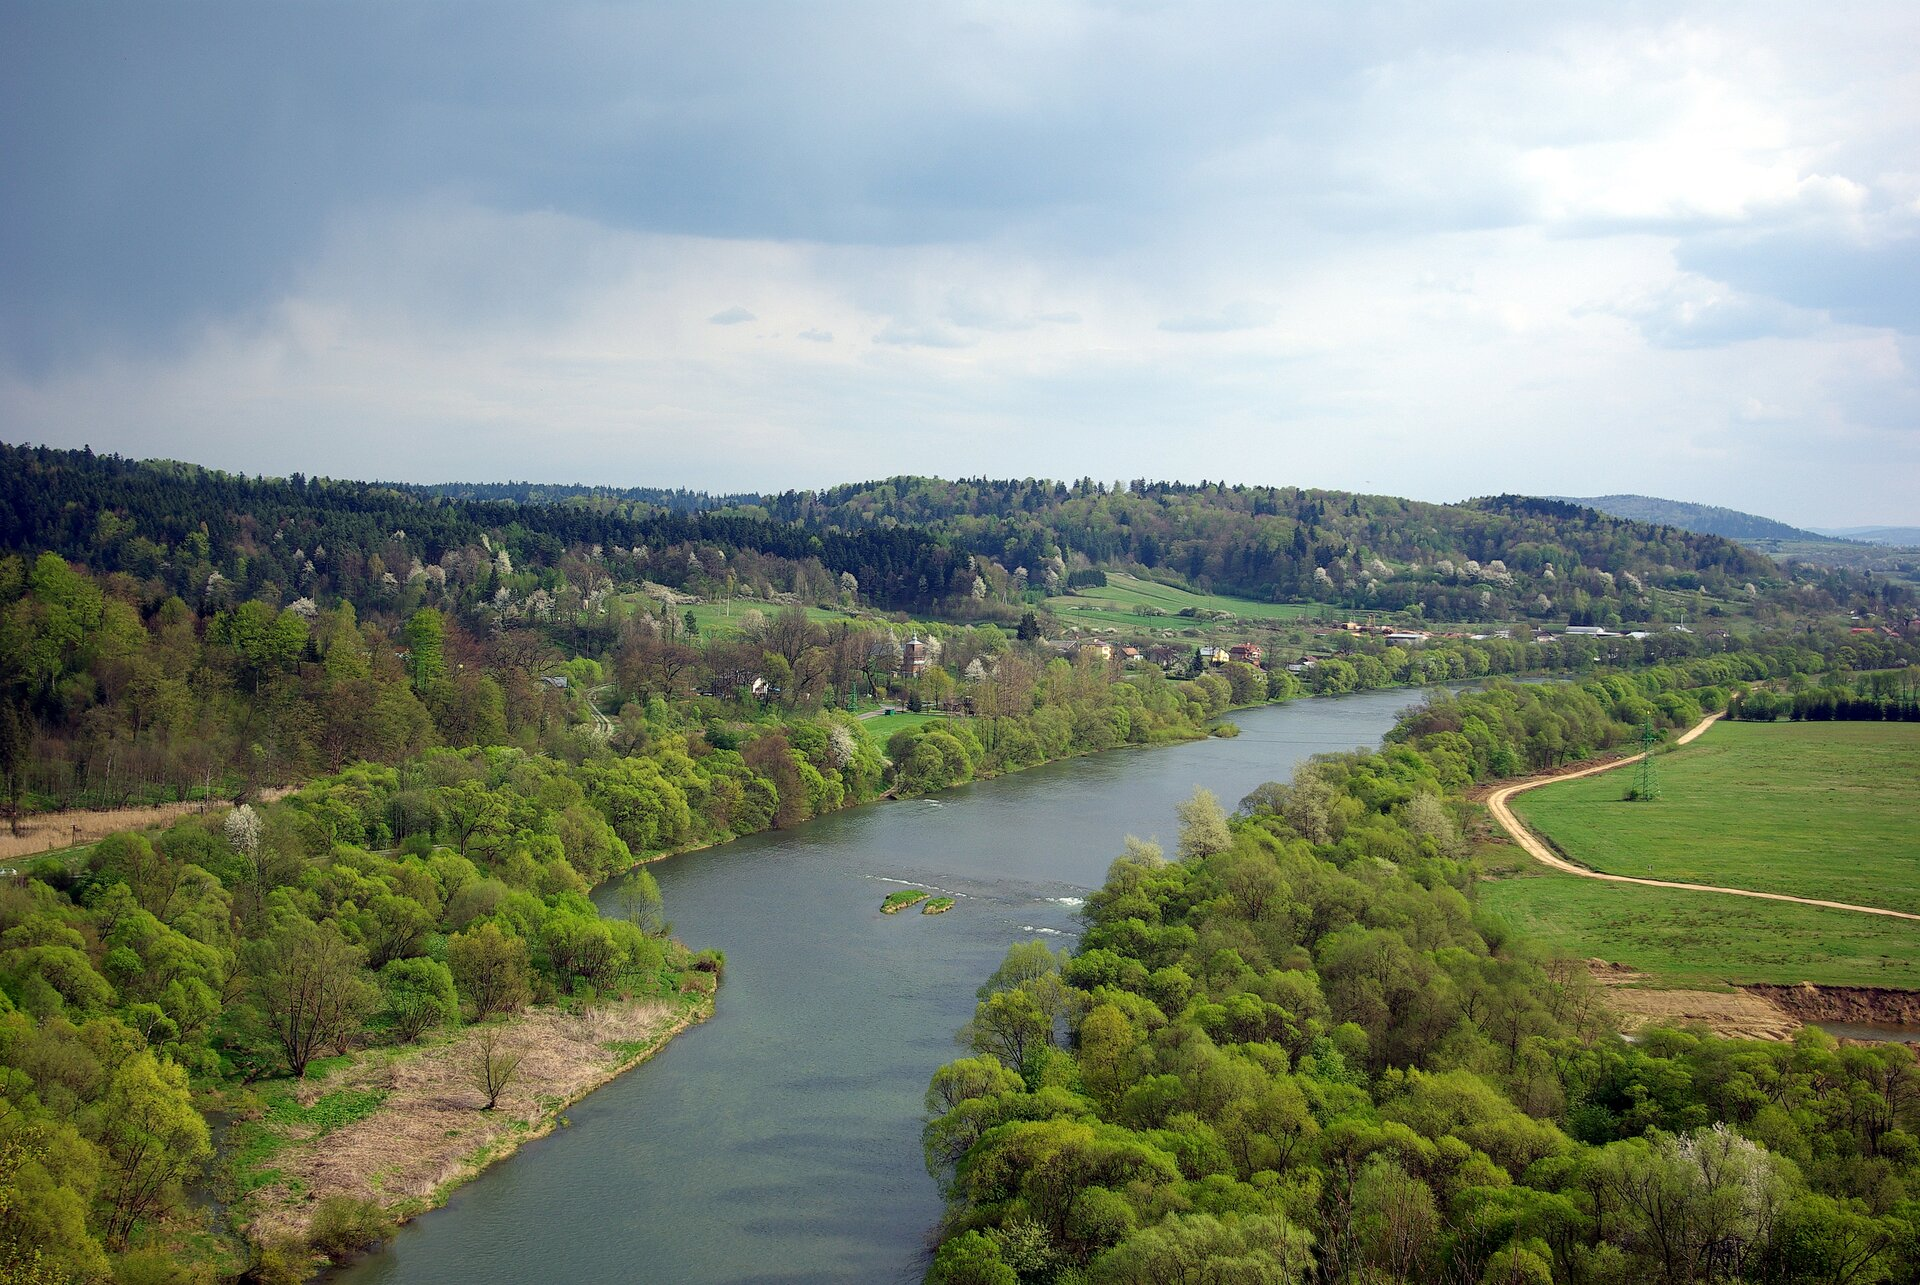 Fotografia prezentuje rzekę wjej środkowym biegu. Koryto rzeki dosyć szerokie, proste, po obu stronach koryta widoczne liczne drzewa ikrzewy.